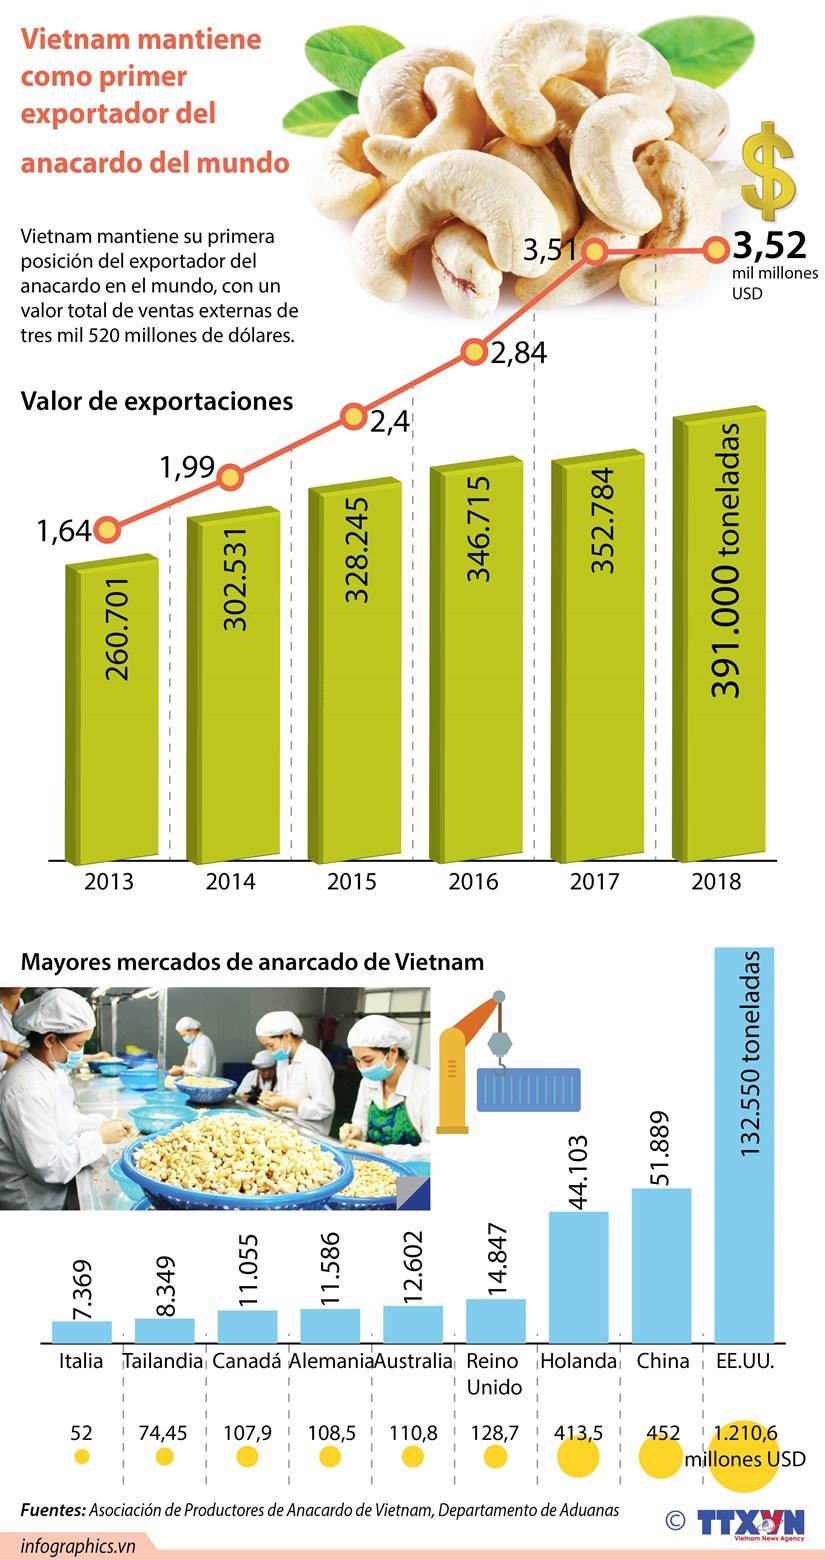 [Info] Mantiene Vietnam como primer exportador del anacardo del mundo hinh anh 1